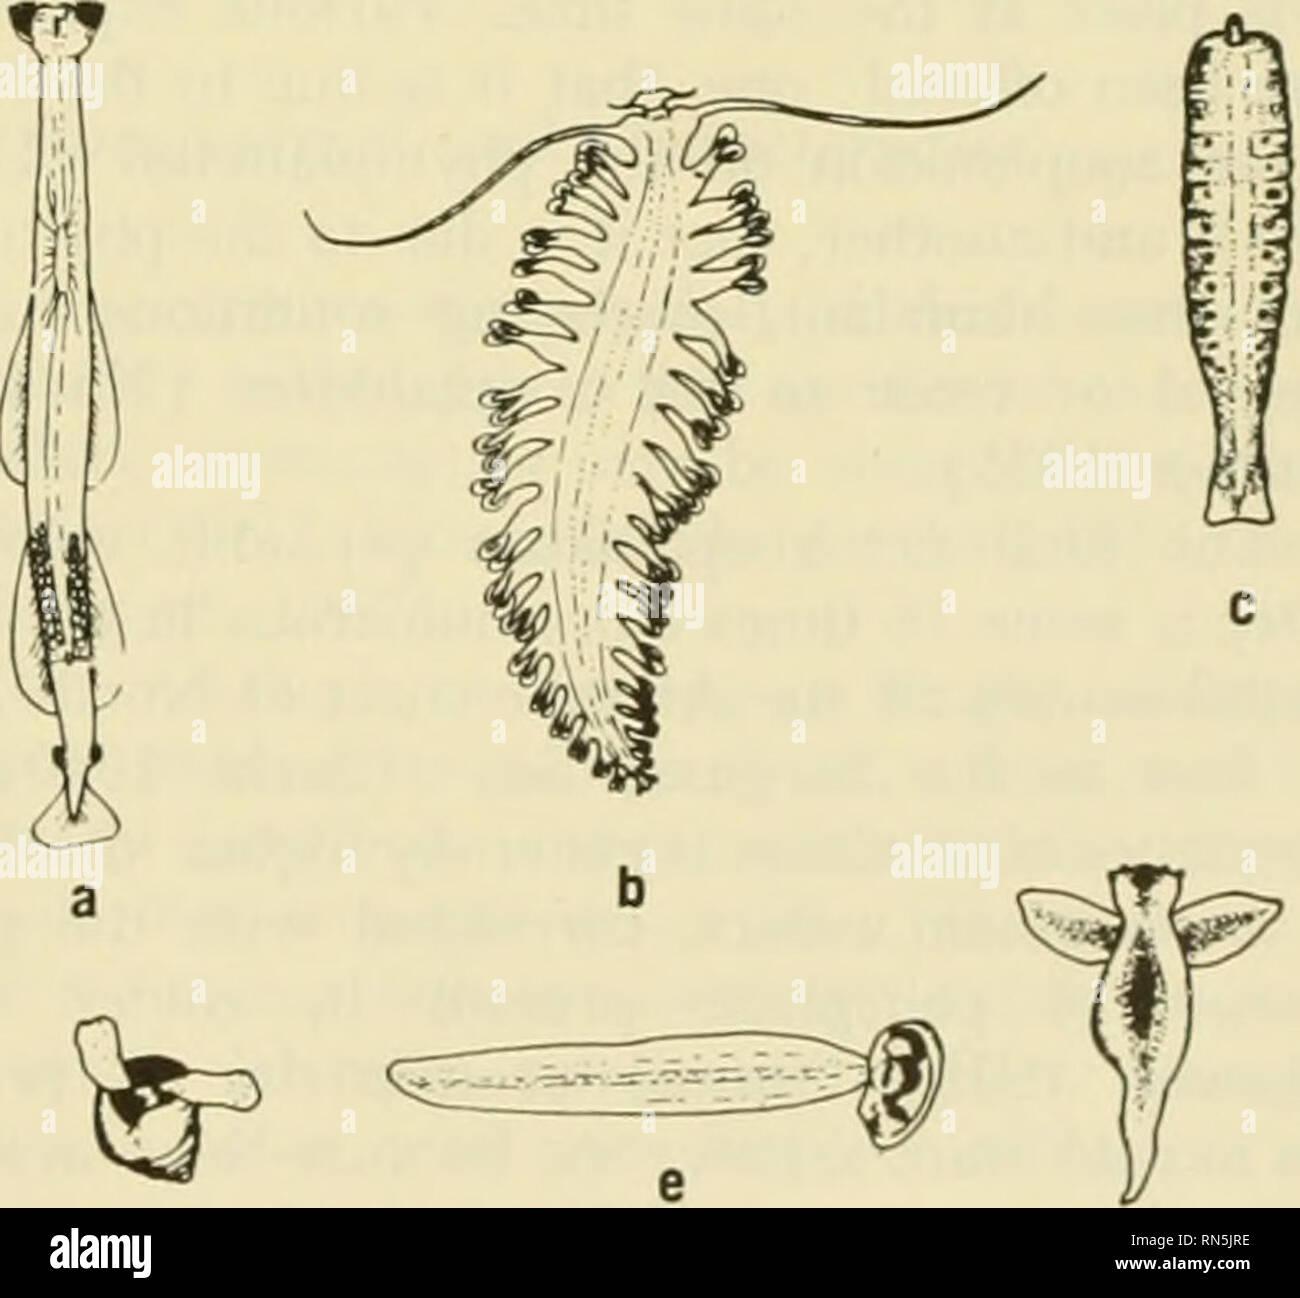 . Tierökologie. Tierökologie. Abb. 28-3 | C | Cruitaceous/o, b) osfracod ConcAoecia. c | Copepoden Calanus, d) amphipod, Phronemia, in leeren Mantel der pelagischen tunicate Salpa. atopods. Viele dieser Formulare arc auch bcntliic oder nektonic Während ein Teil des Lebenszyklus. Unter den chordates sind die bemerkenswerte und manchmal reichlich Manteltiere. Die Eier und imma- tur Stadien der vielen Pelagische sind, dass sie gerade genug Wasser aufnehmen kurz nach dem spaw^ ned fast genau die gleiche Dichte wie die sur-Rundung Wasser zu haben. Die Eier von Rochen, einige der Haie, und einige andere Stockfoto